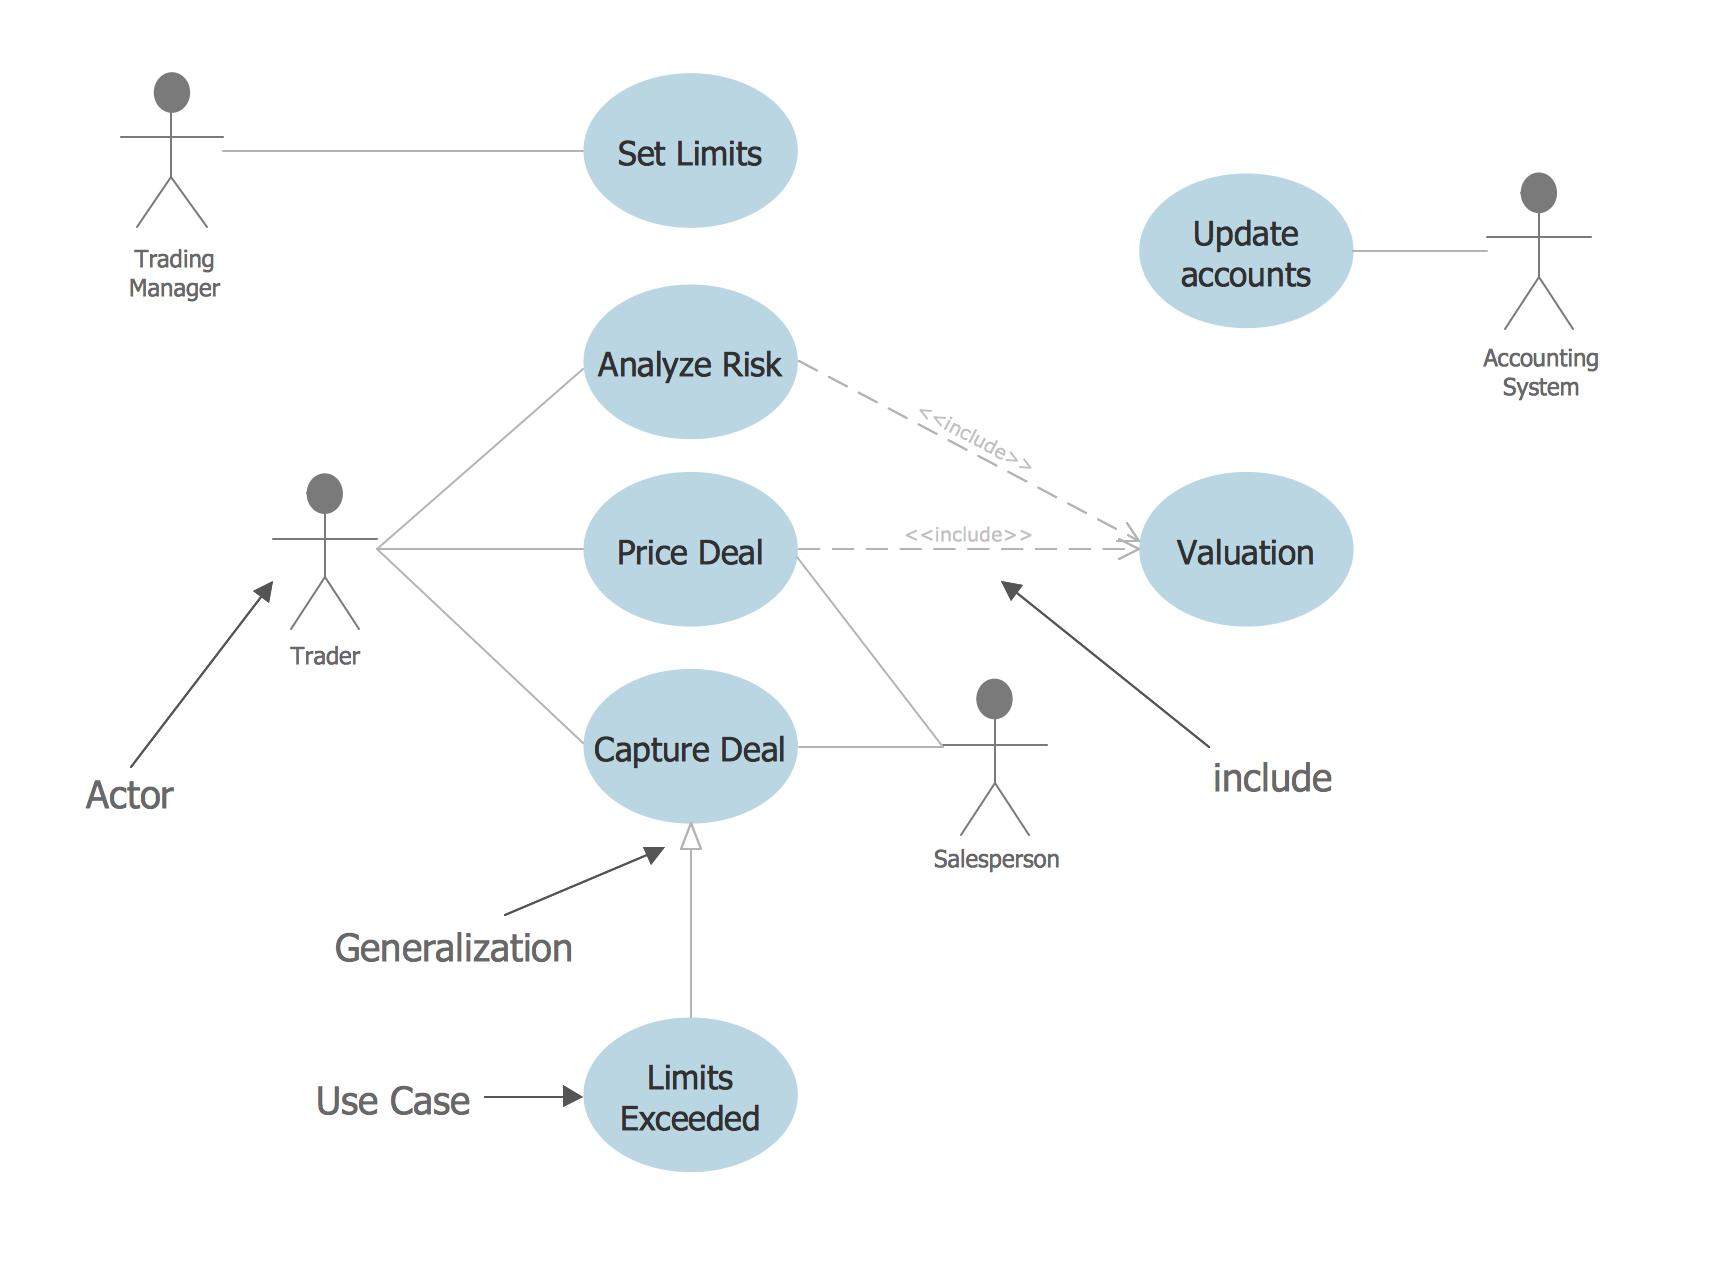 9 Uml Diagrams For Library Management System Wiring Diagram 7 Pin Trailer Connector Diagrama Con Algo De Onda Temas Para Las Colecciones